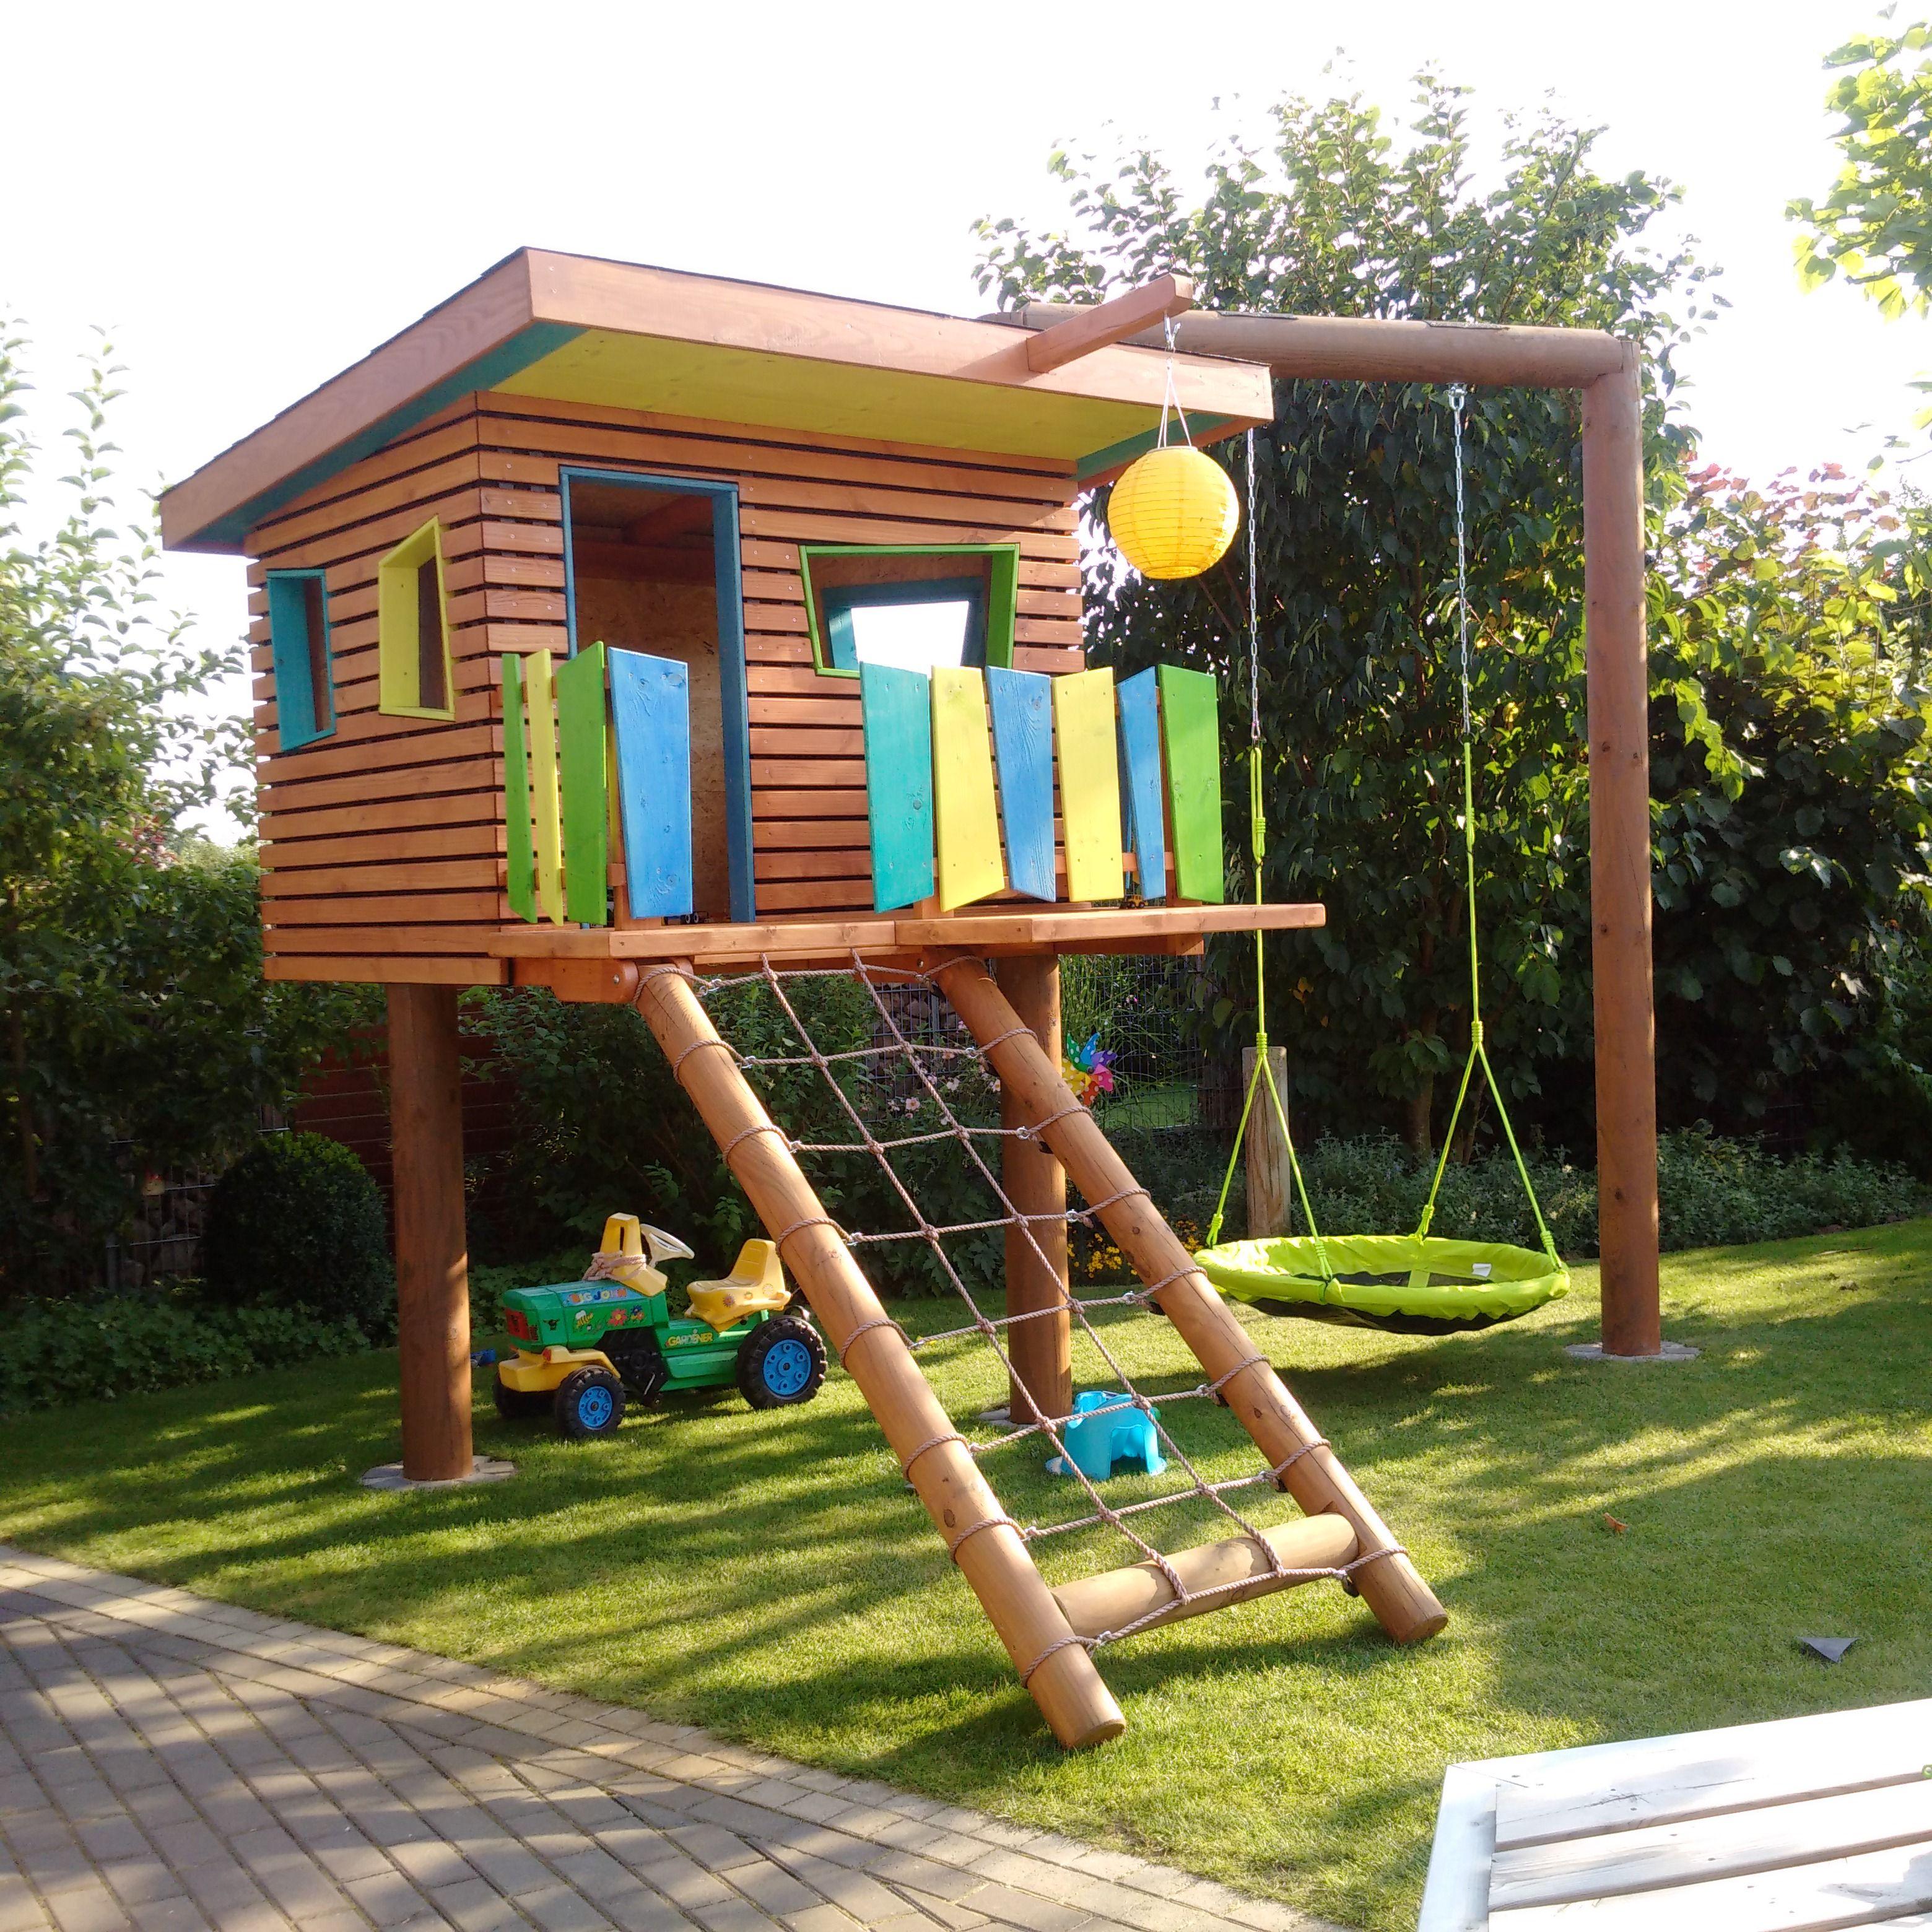 kinderspielhaus im garten bauanleitung zum selber bauen | playground